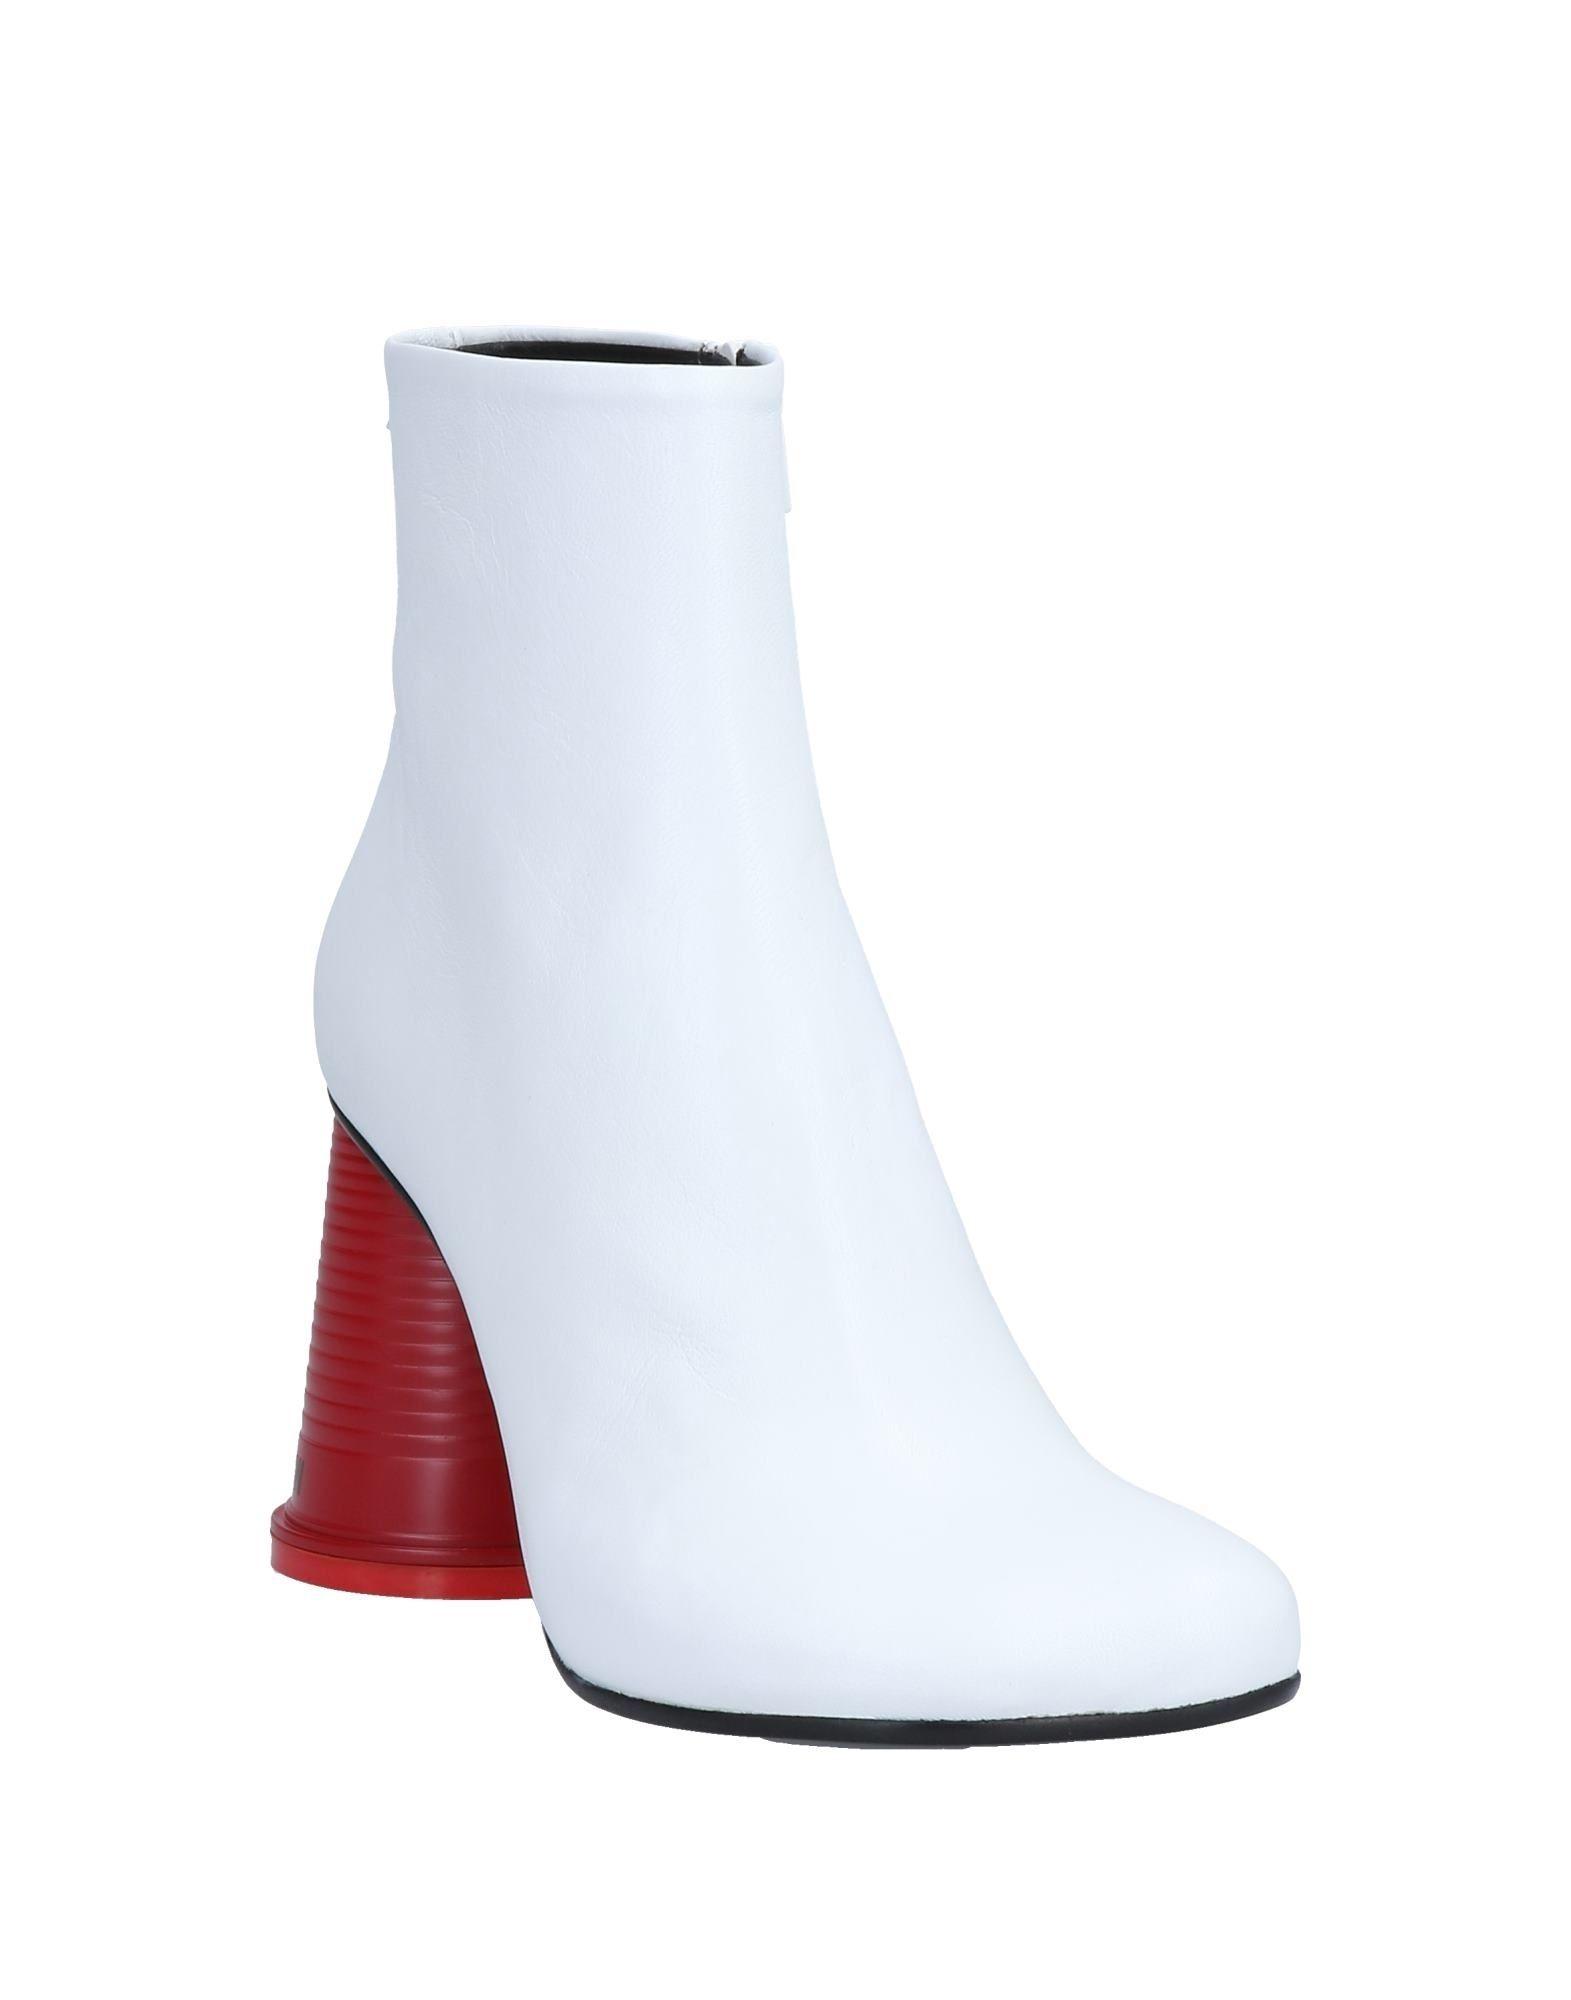 Rabatt Schuhe Mm6 Maison Margiela 11526033BA Stiefelette Damen  11526033BA Margiela 43c13c